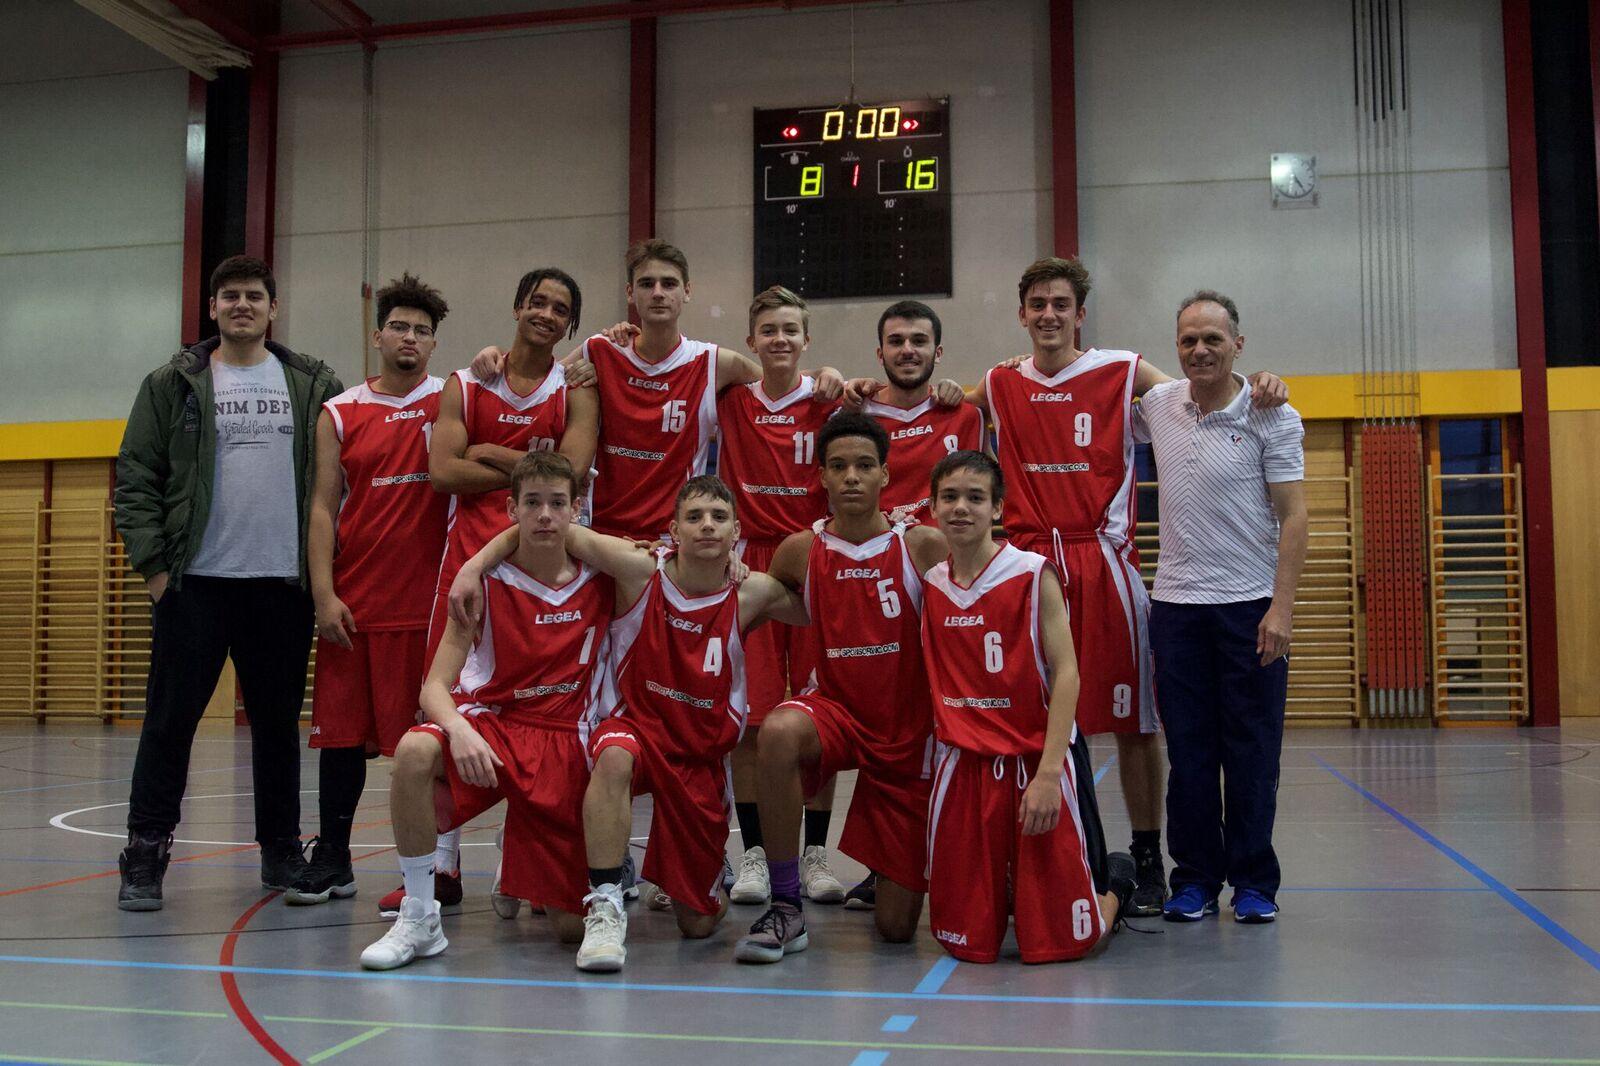 Das WG / WMS Herren-Basketballteam ist Mittelschulmeister beider Basel 2018